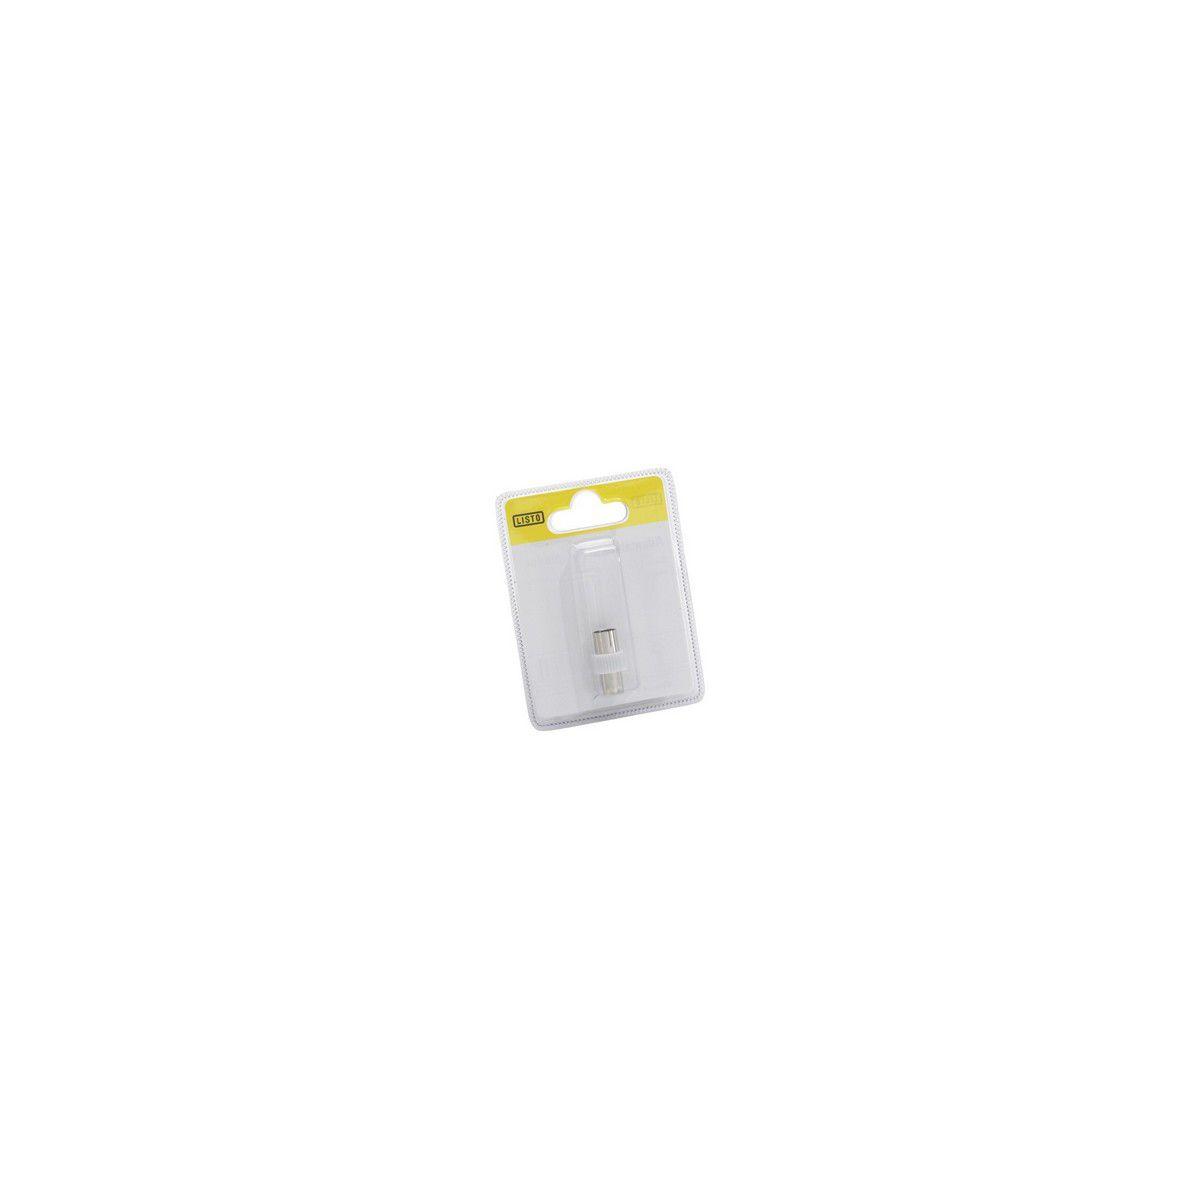 Adaptateur sc coax m 9mm/coax f 9.5mm - produit coup de coeur webdistrib.com ! (photo)